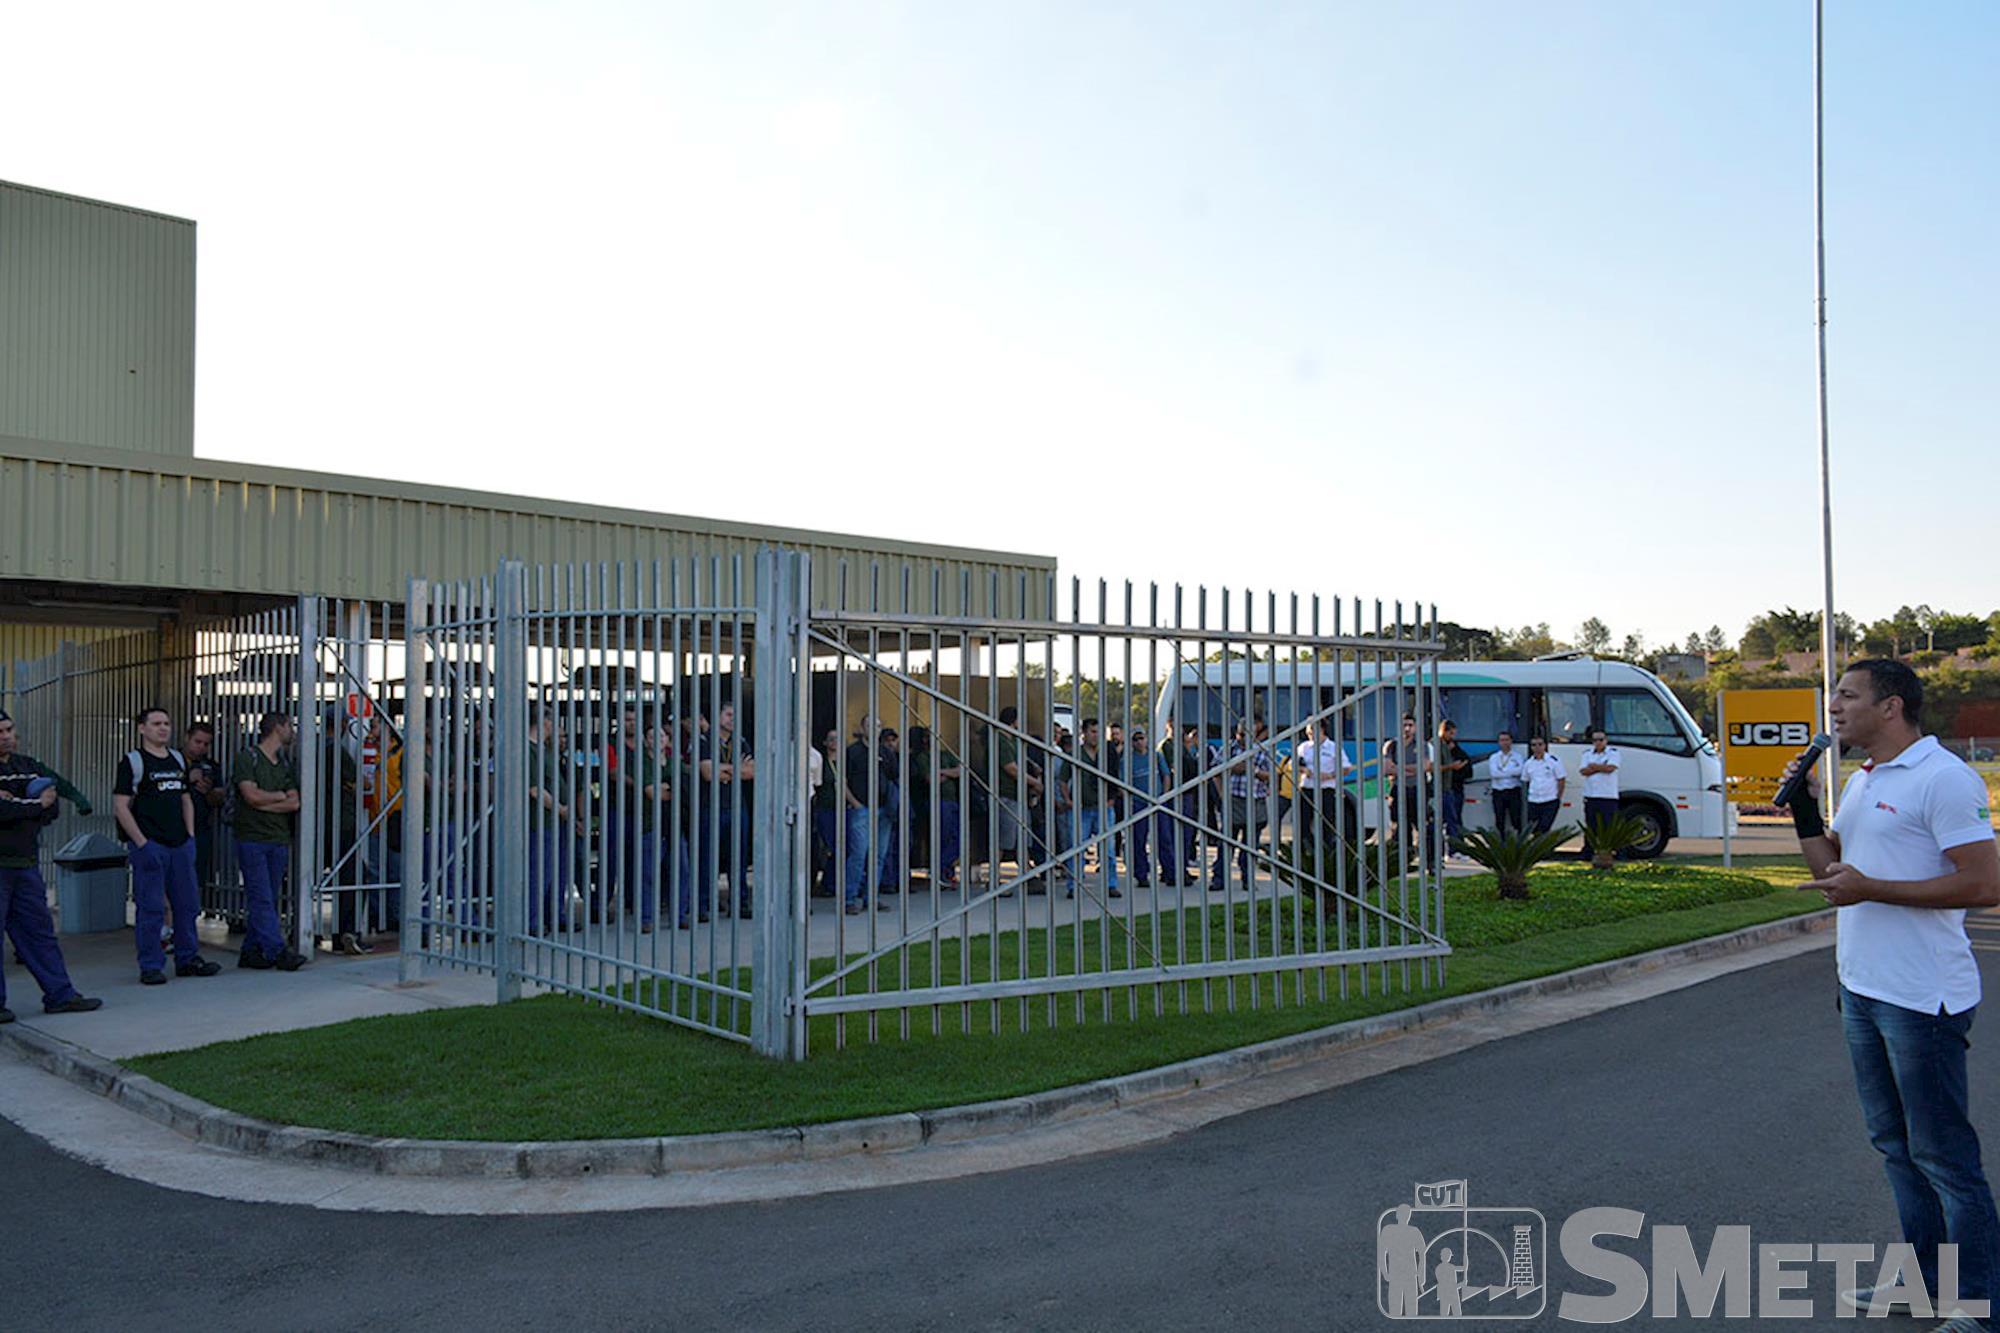 SMetal realiza mobilizações em mais duas fábricas